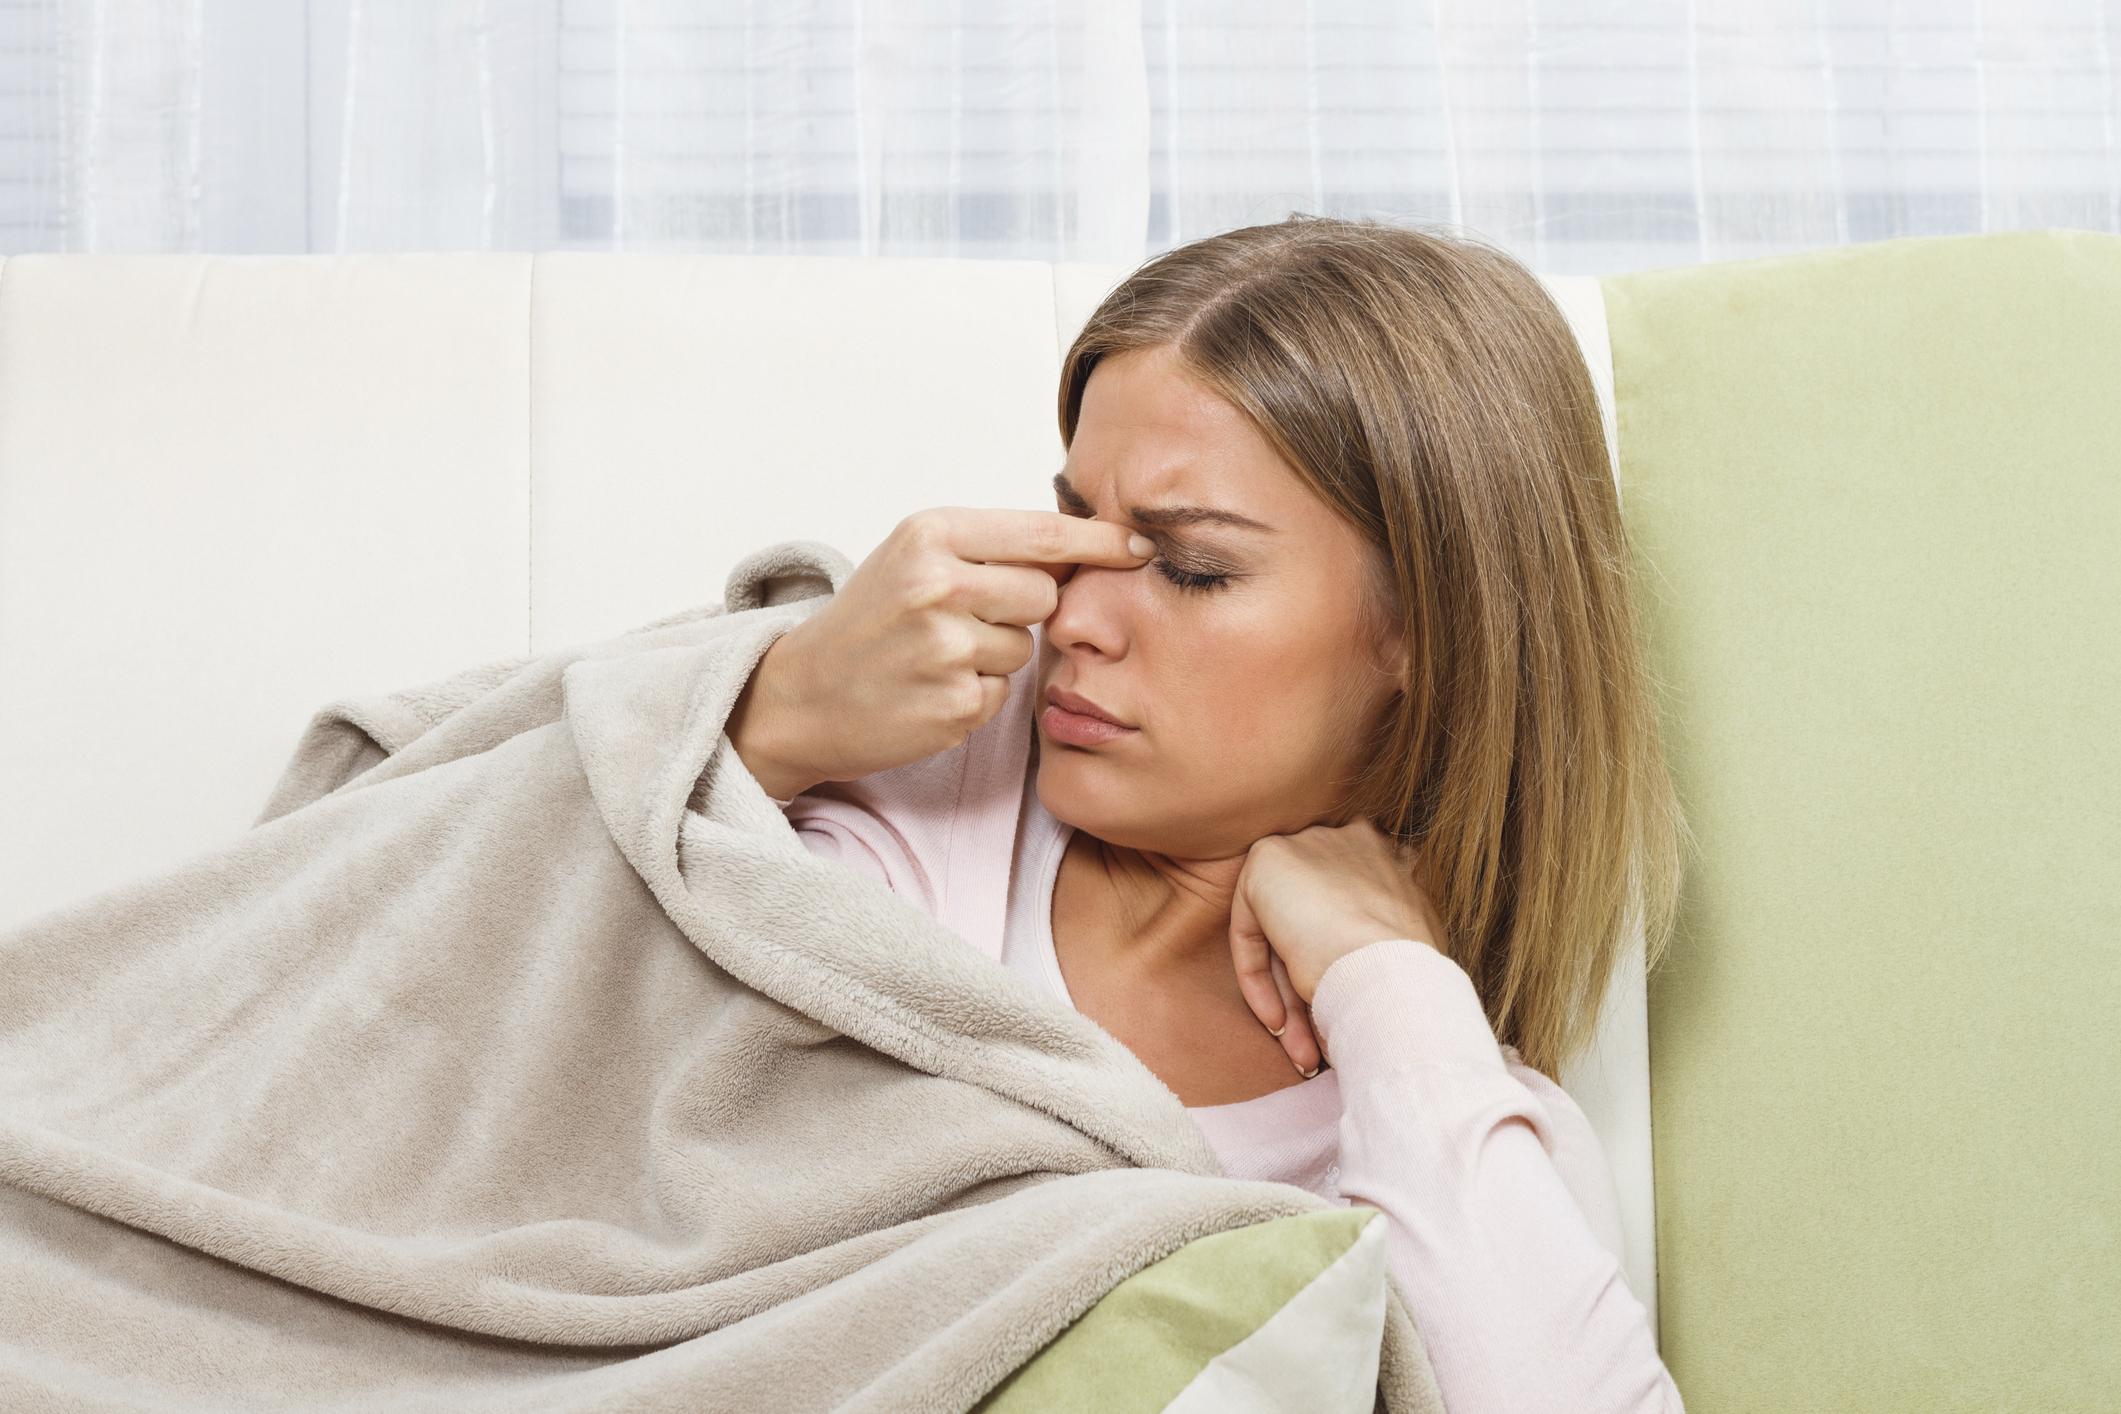 izbijanje nosa